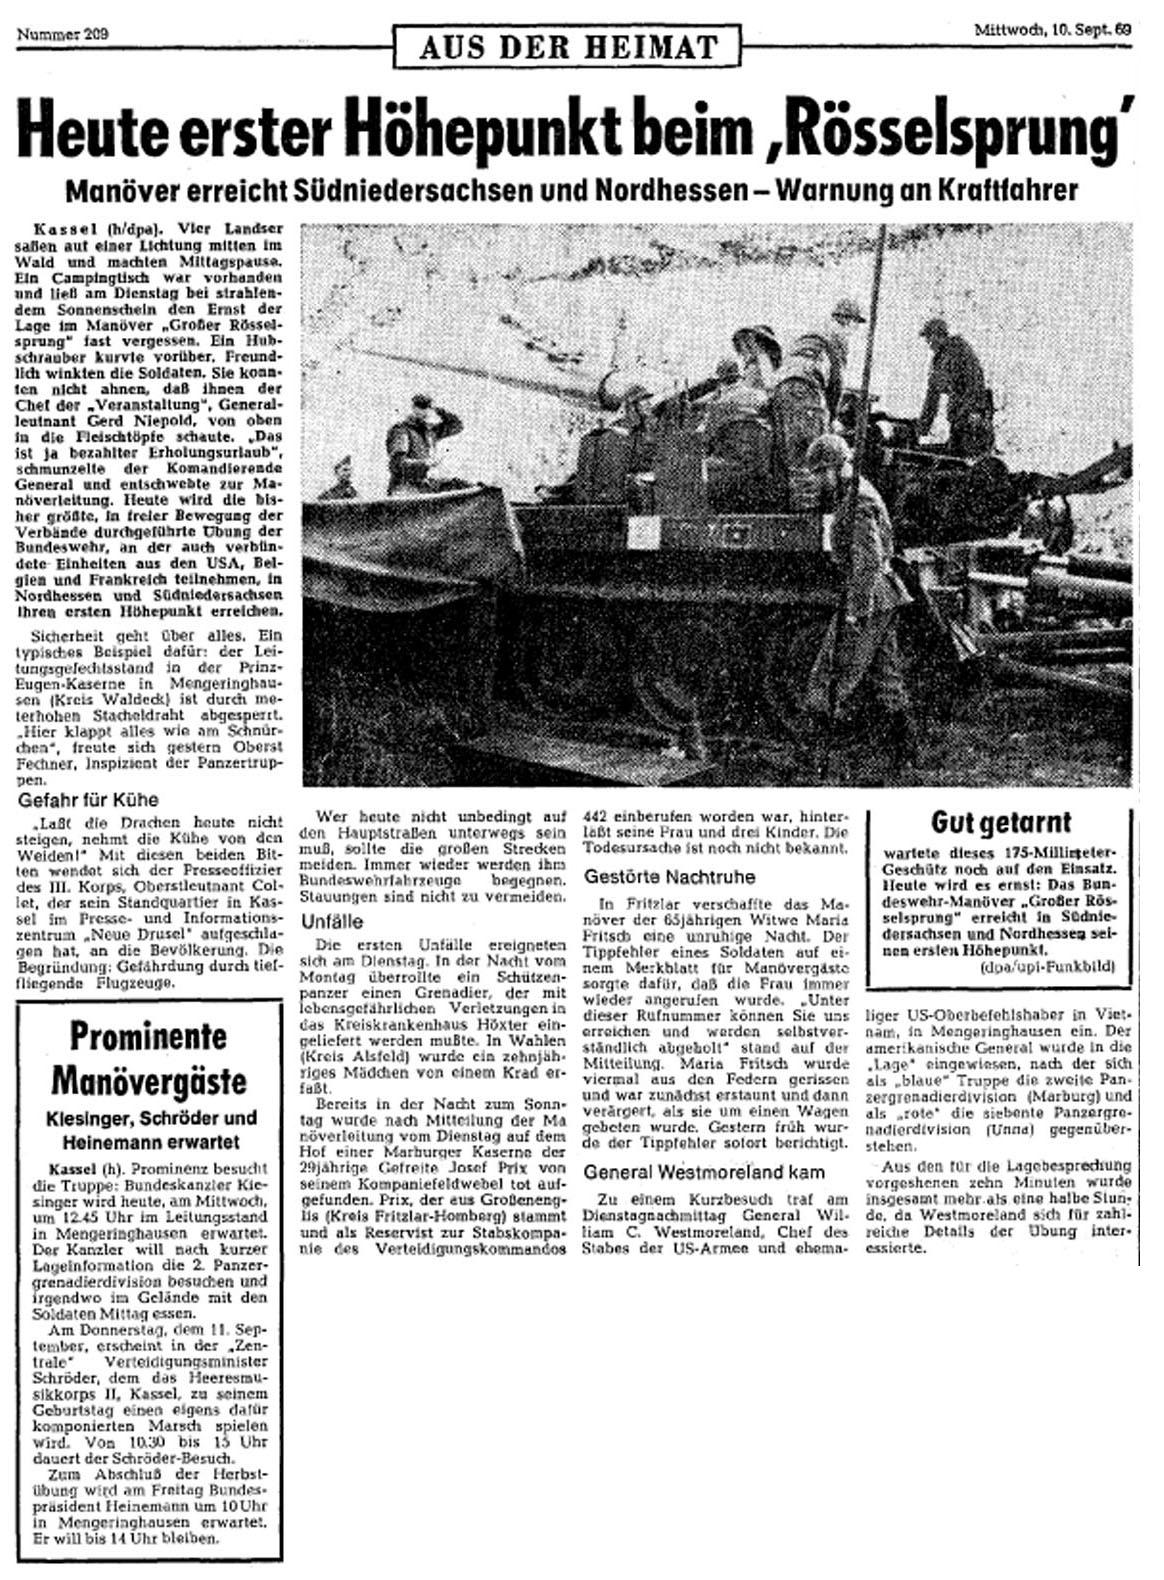 Rösselsrpung Presse 10.09.69